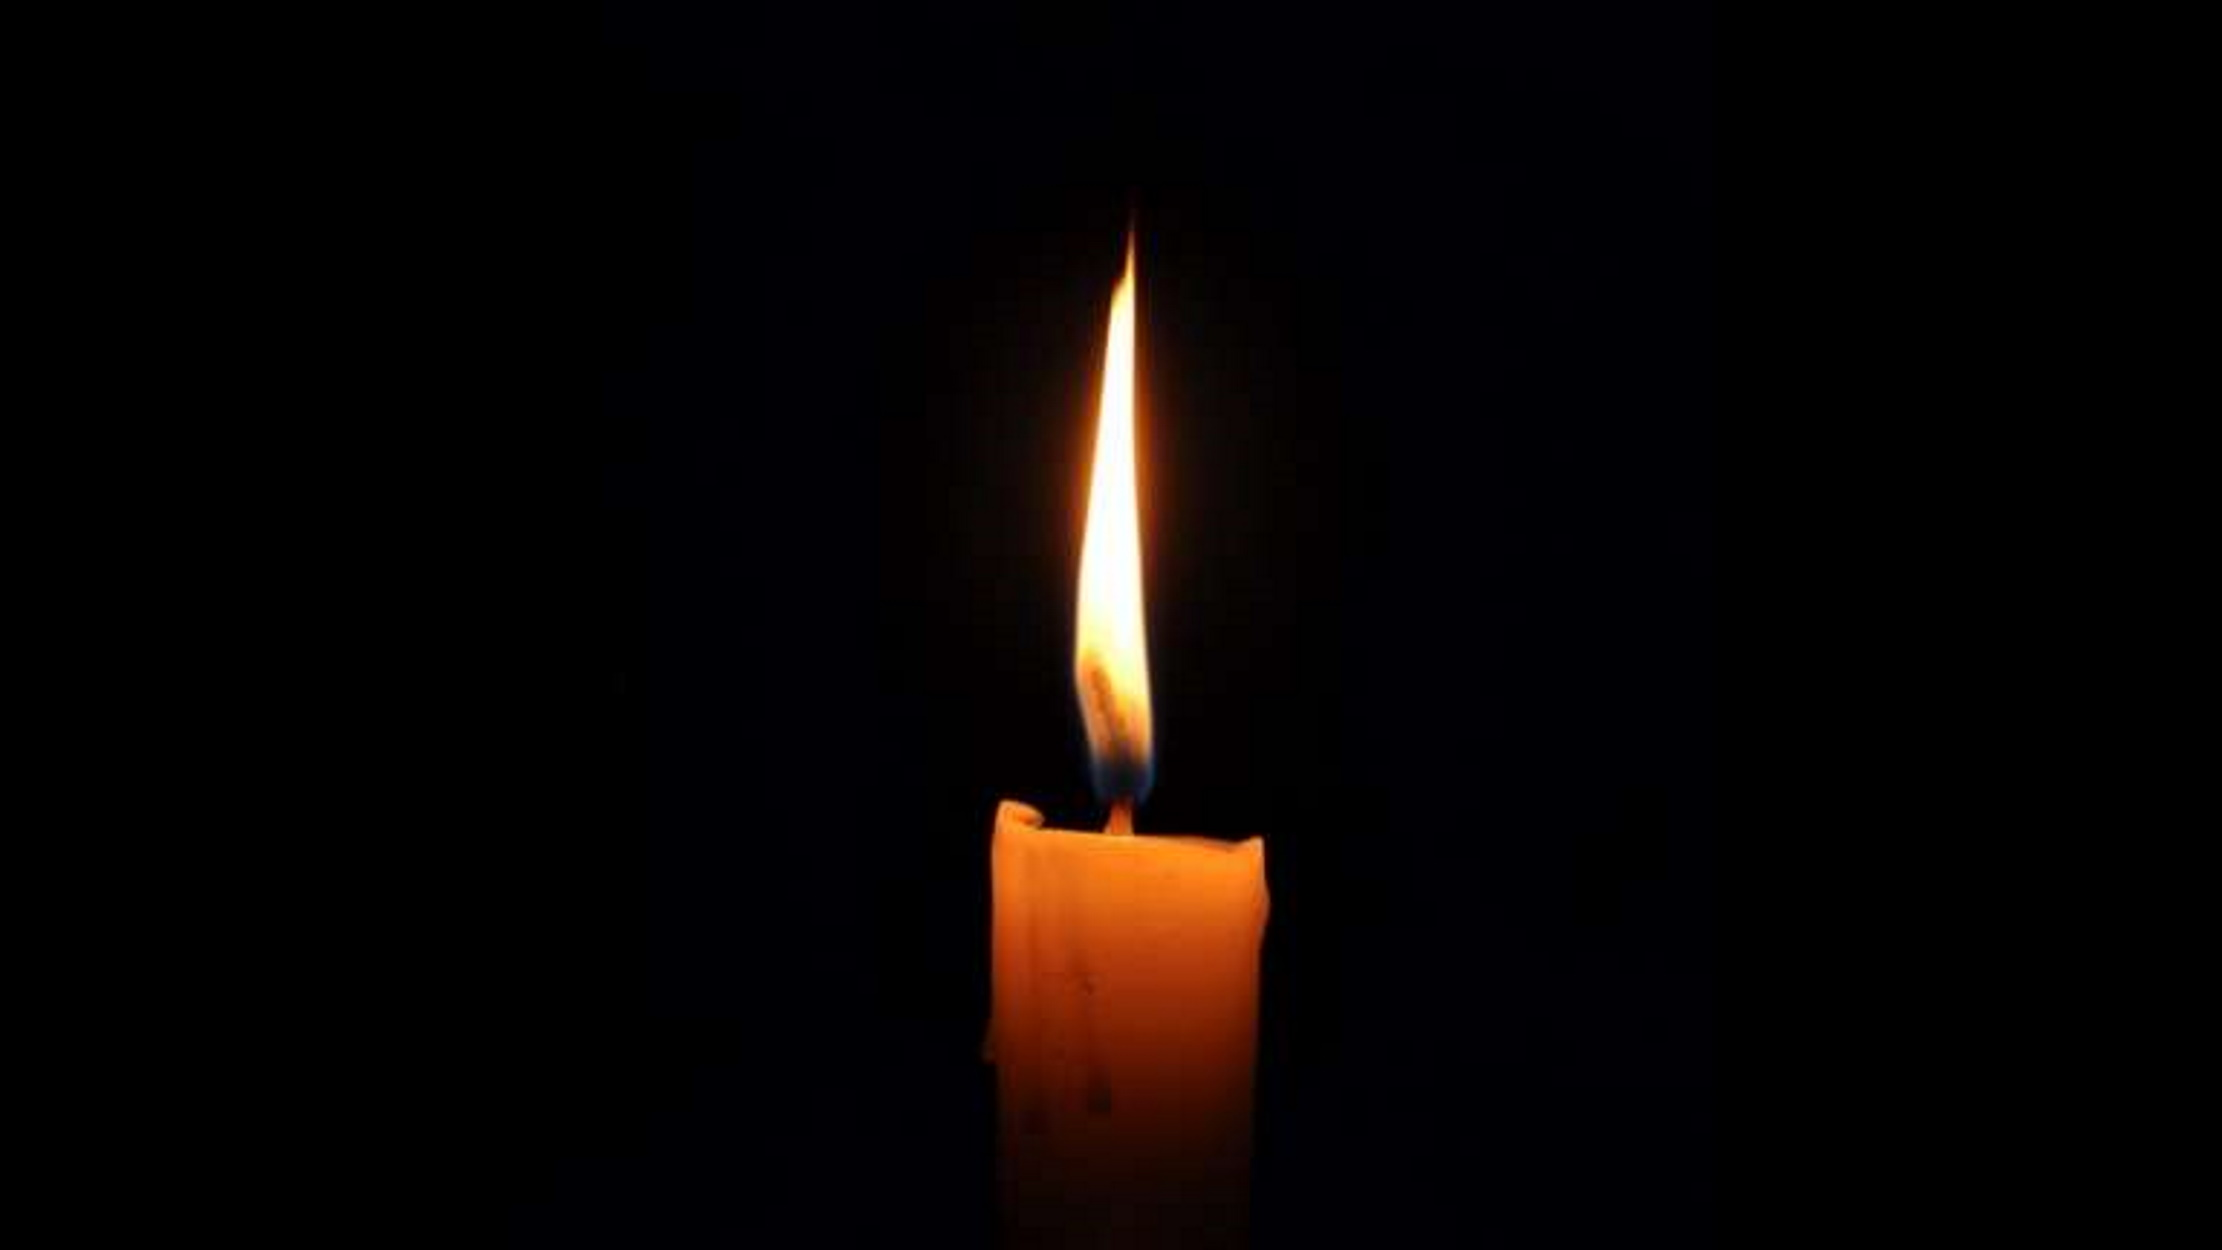 Σέρρες: Πέθανε ο μουσικός Βασίλης Ταπές – Η φιλία με Χατζηνάσιο, Σπανό